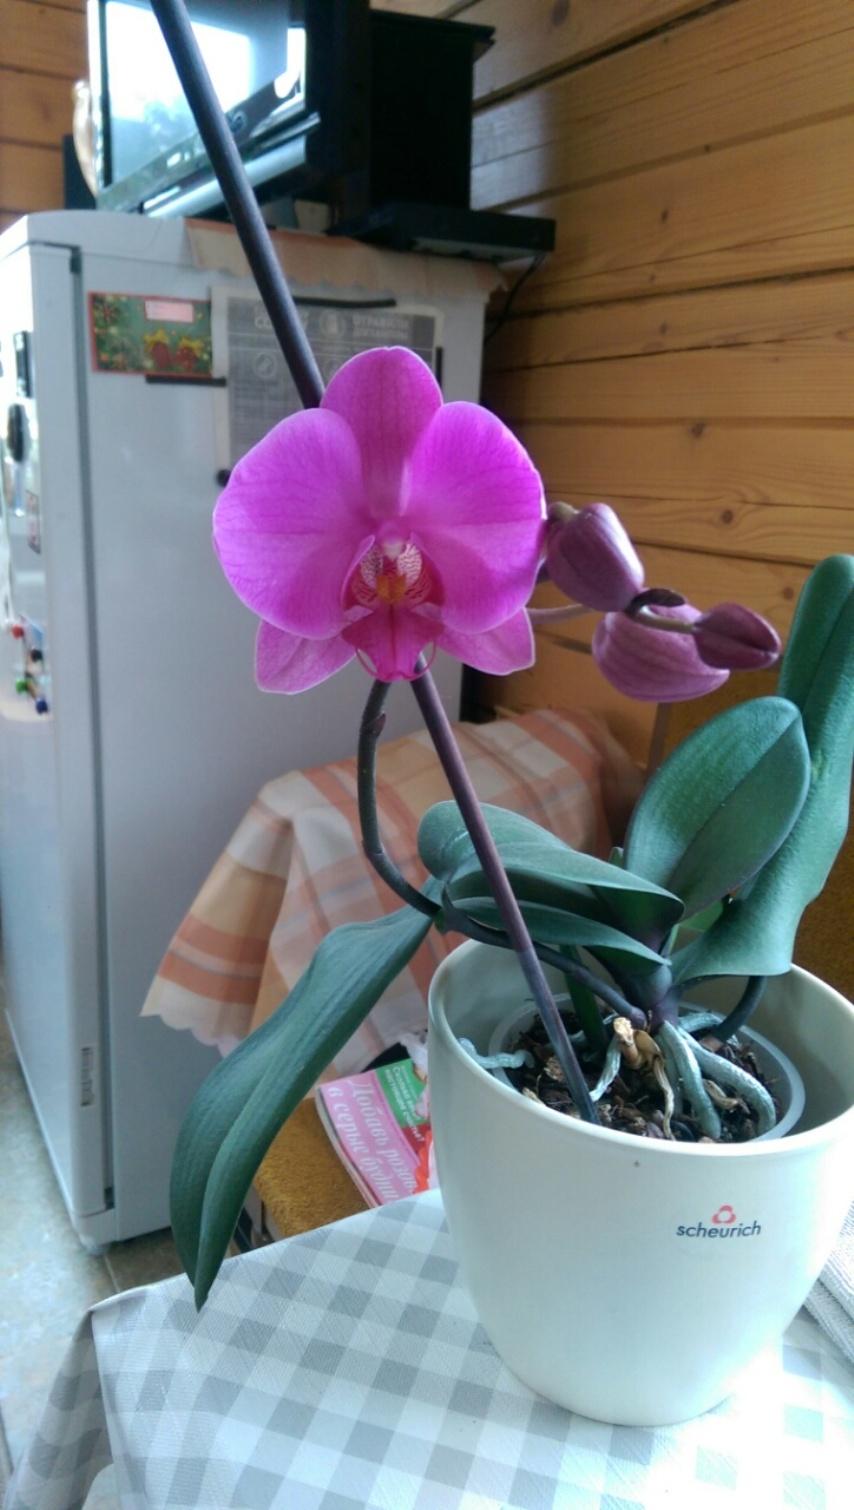 Яркий цветок сразу привлекает к себе внимание